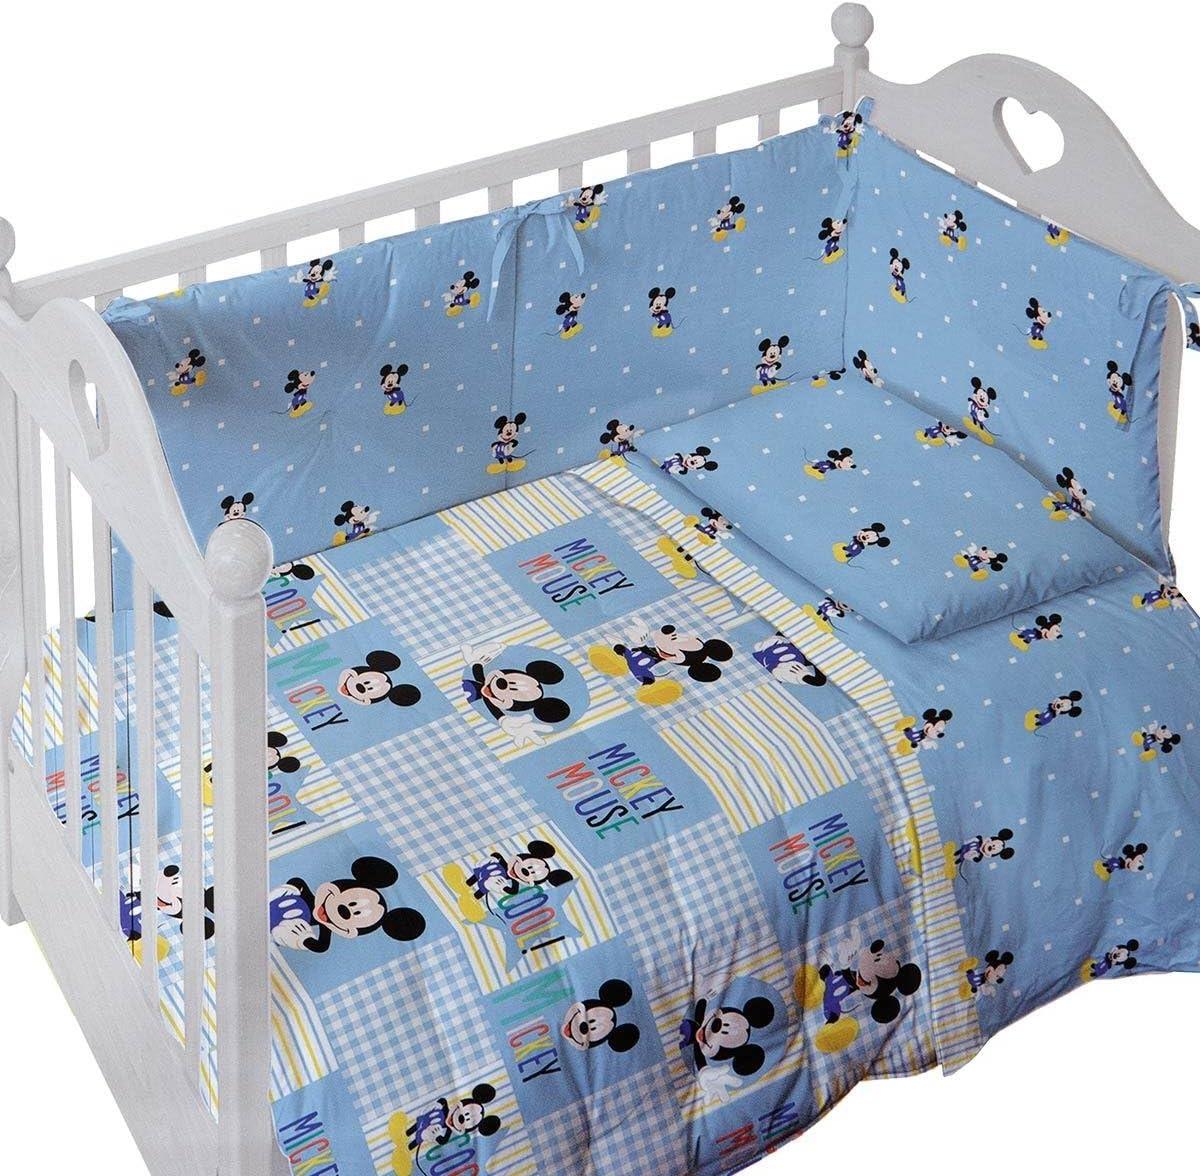 Beddengoed Bedlinnen Set Lenzuola Lettino Baby Neonato Topolino Mickey Forever Azzurro Disney Caleffi Luxclusif Com